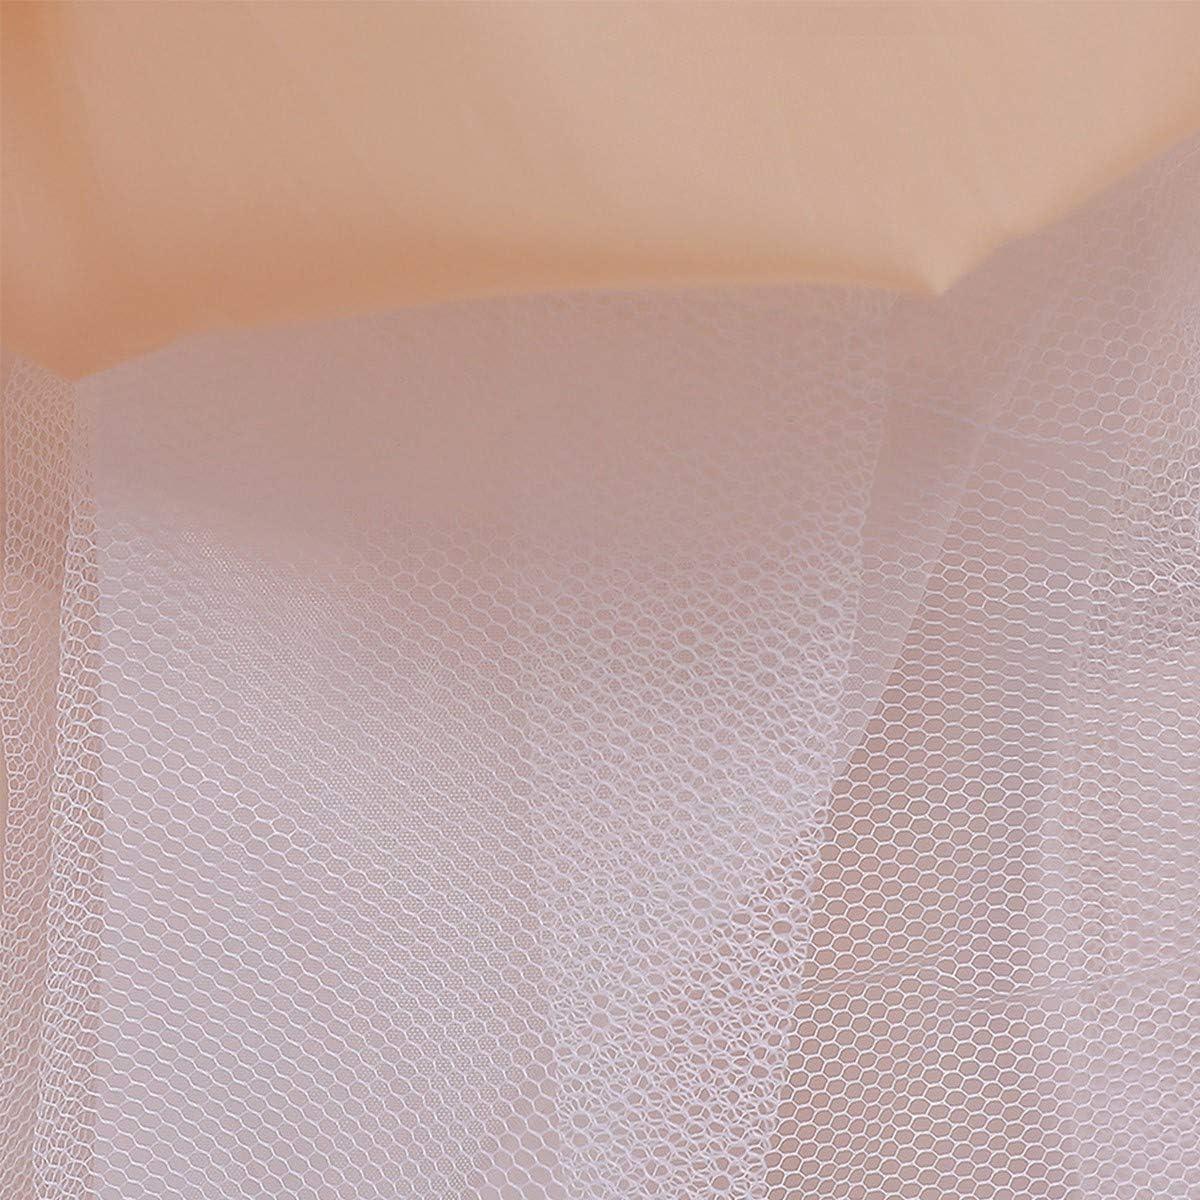 MYRISAM Ragazze Unicorno Tulle Arcobaleno Compleanno Matrimoni Vestito Principessa Fiori Fantasia Lungo Maxi Abiti Natale Halloween Carnevale Cosplay Cerimonia Festa Abito 4-15 Anni